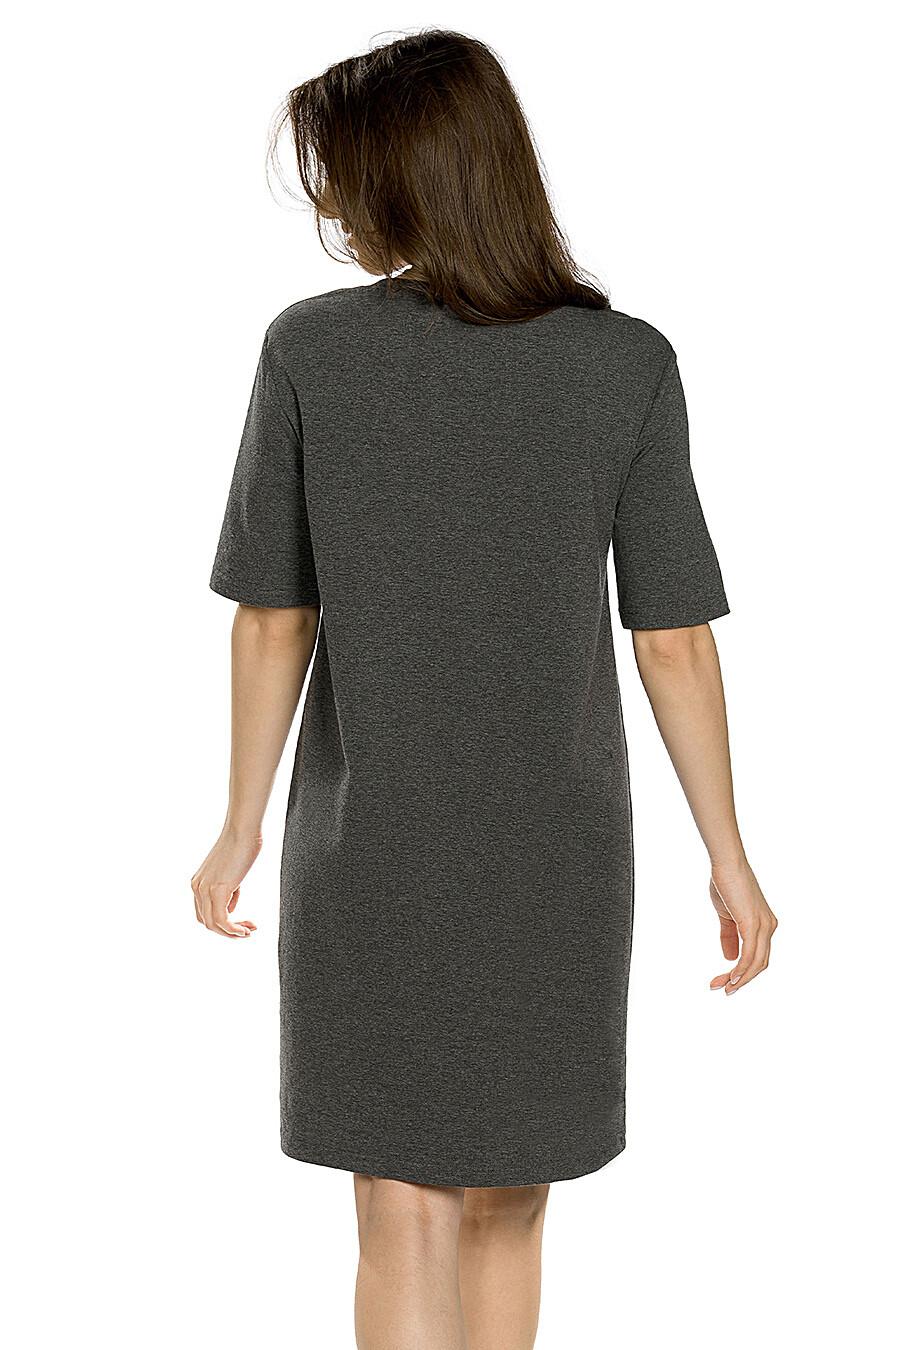 Платье для женщин PELICAN 161484 купить оптом от производителя. Совместная покупка женской одежды в OptMoyo